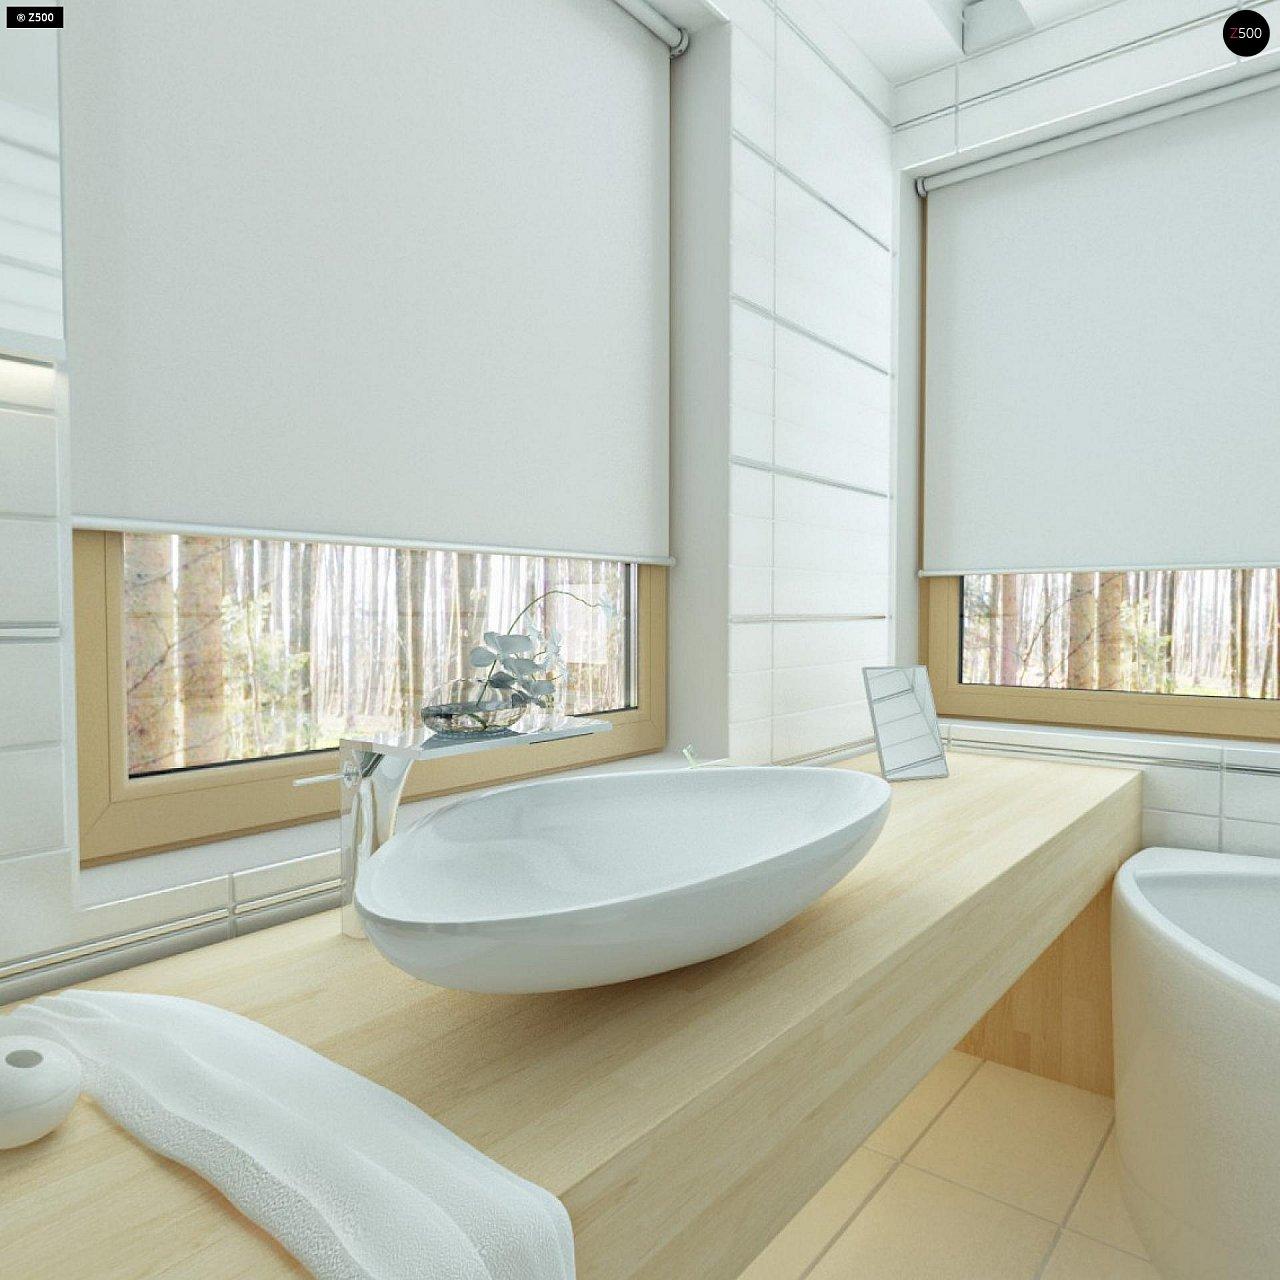 Двухэтажный дом, сочетающий традиционные формы и современный дизайн, с тремя спальнями и гаражом. 17